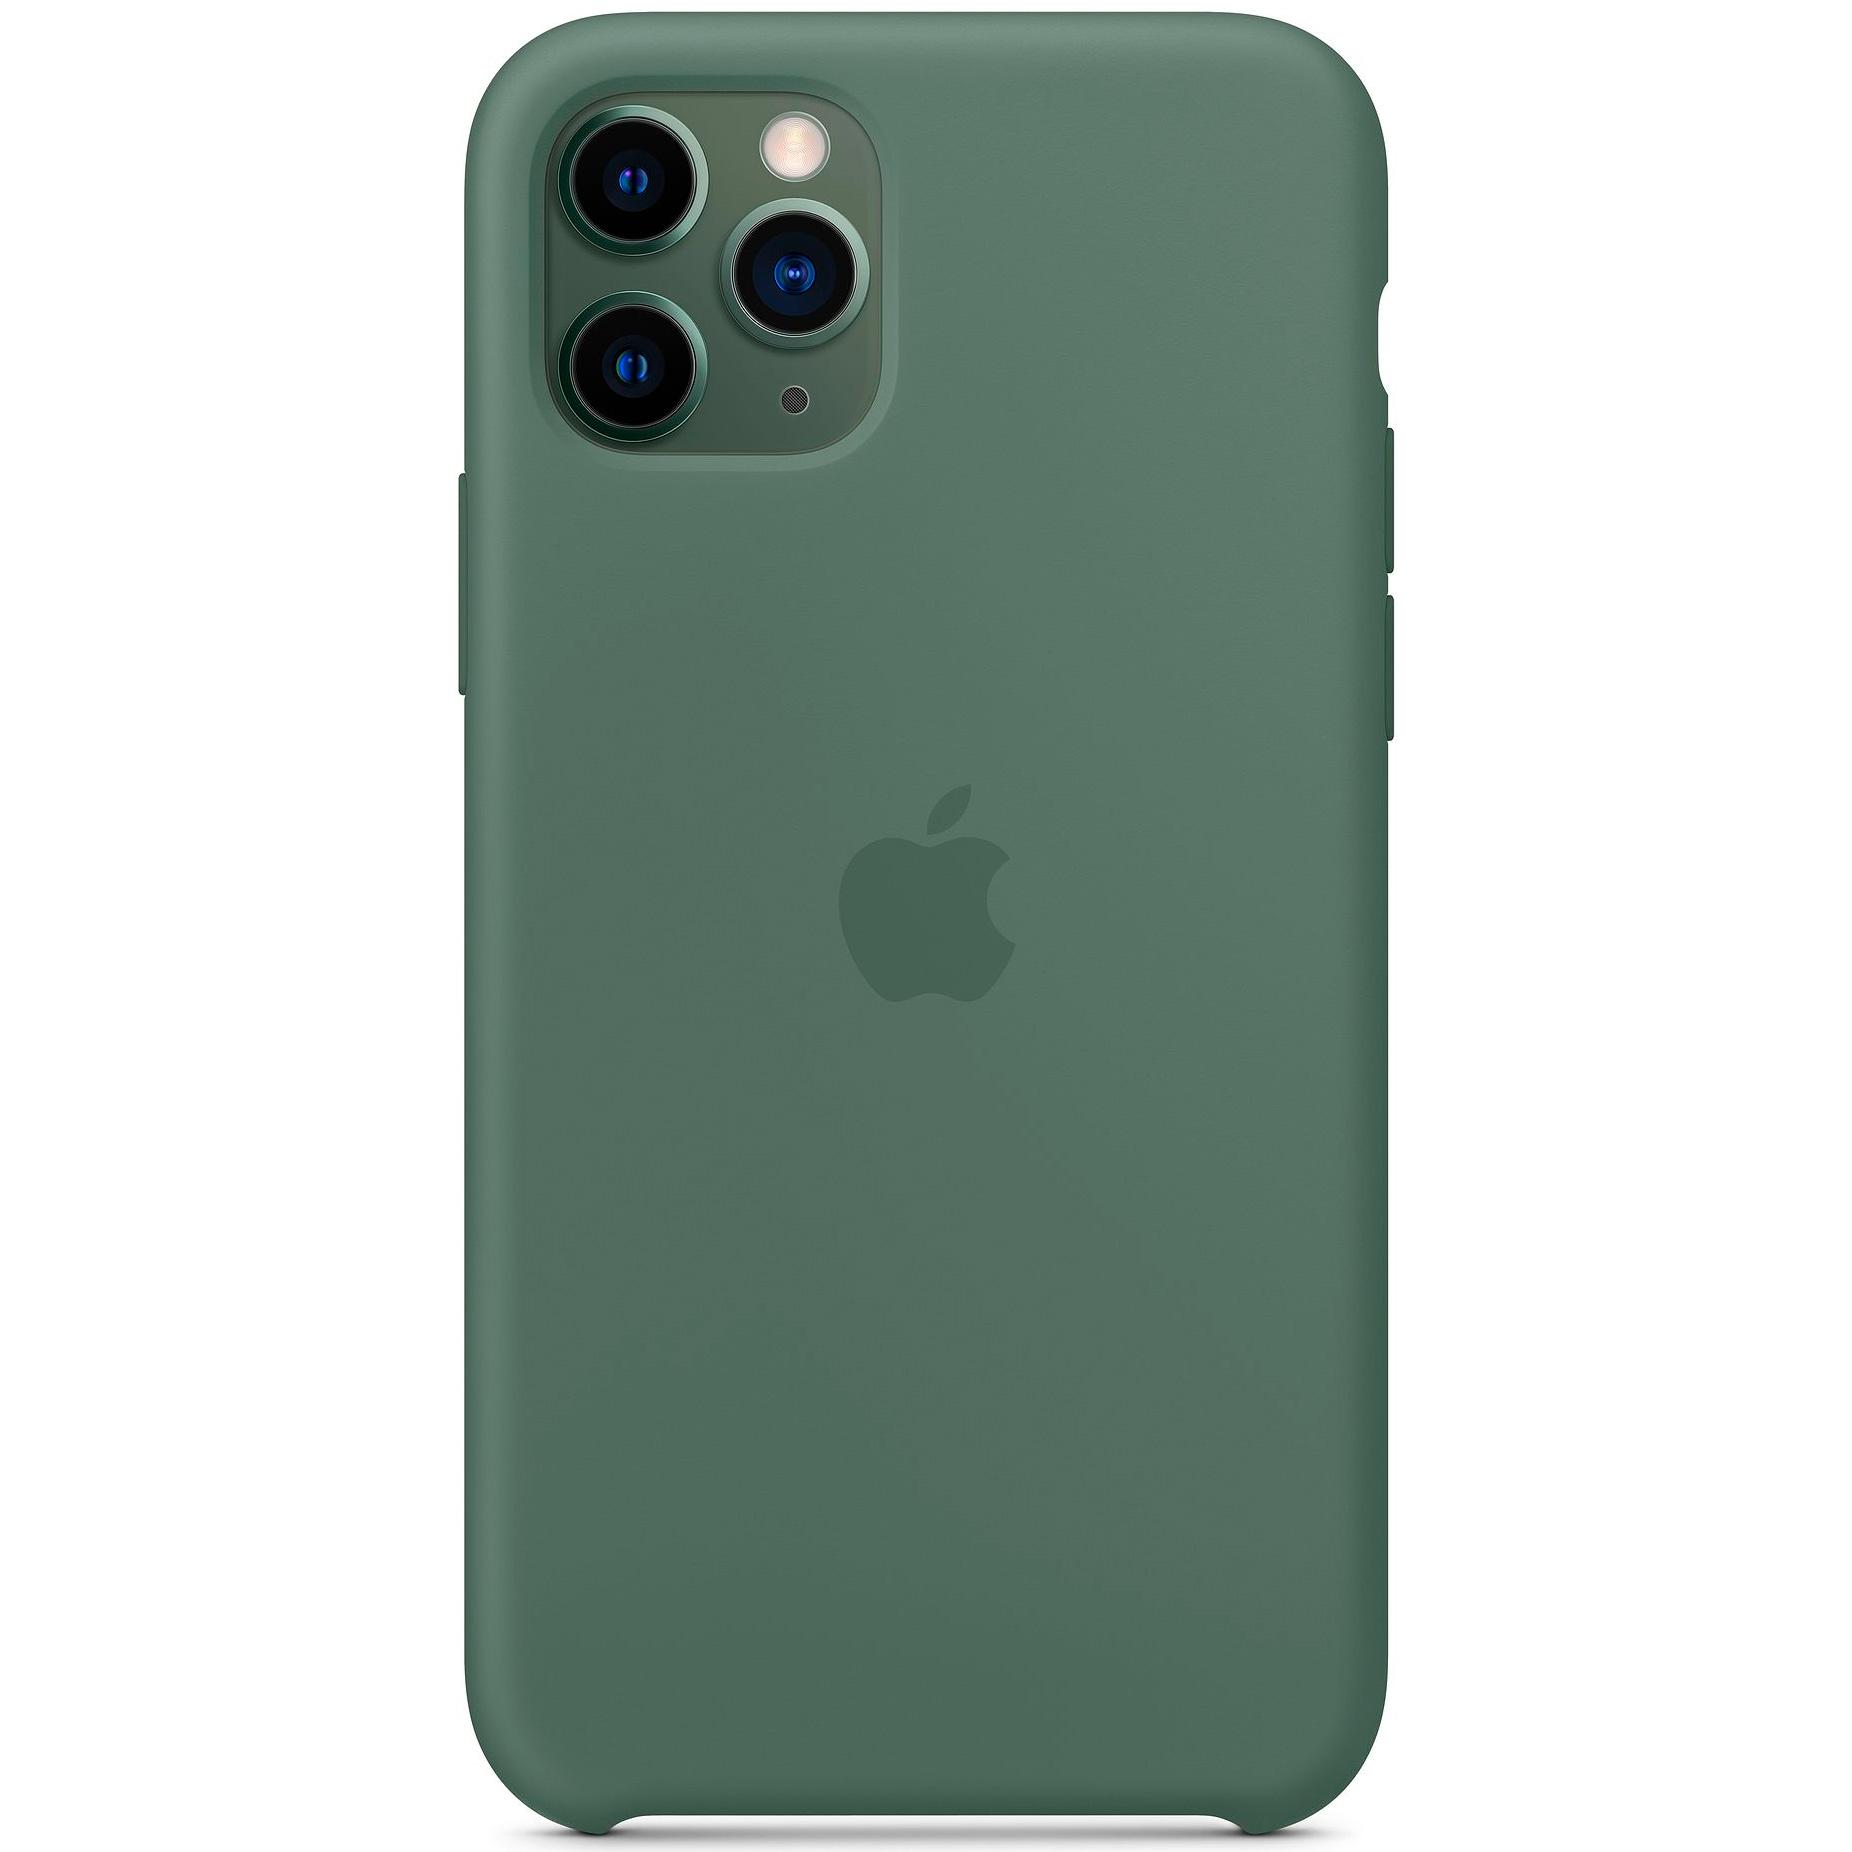 Фото Как защитить iPhone от ударов , царапин, мятин, сколов, потертостей??